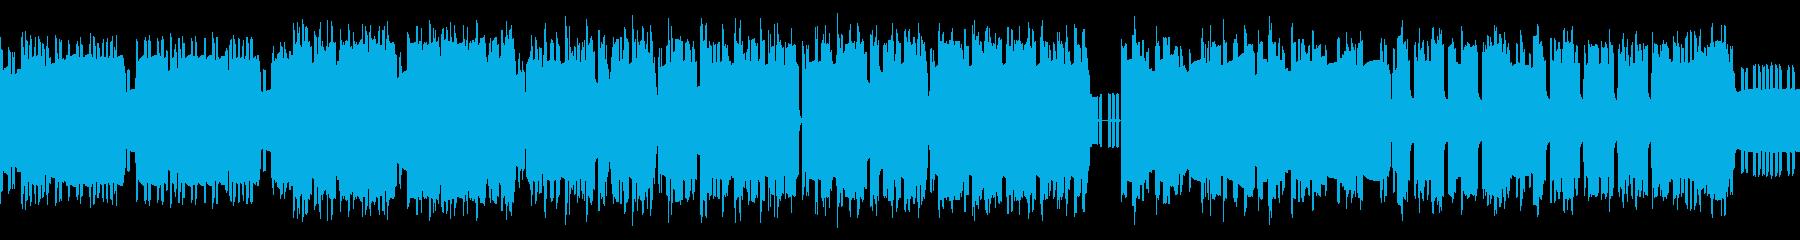 FC風シューティング等(ループ)の再生済みの波形